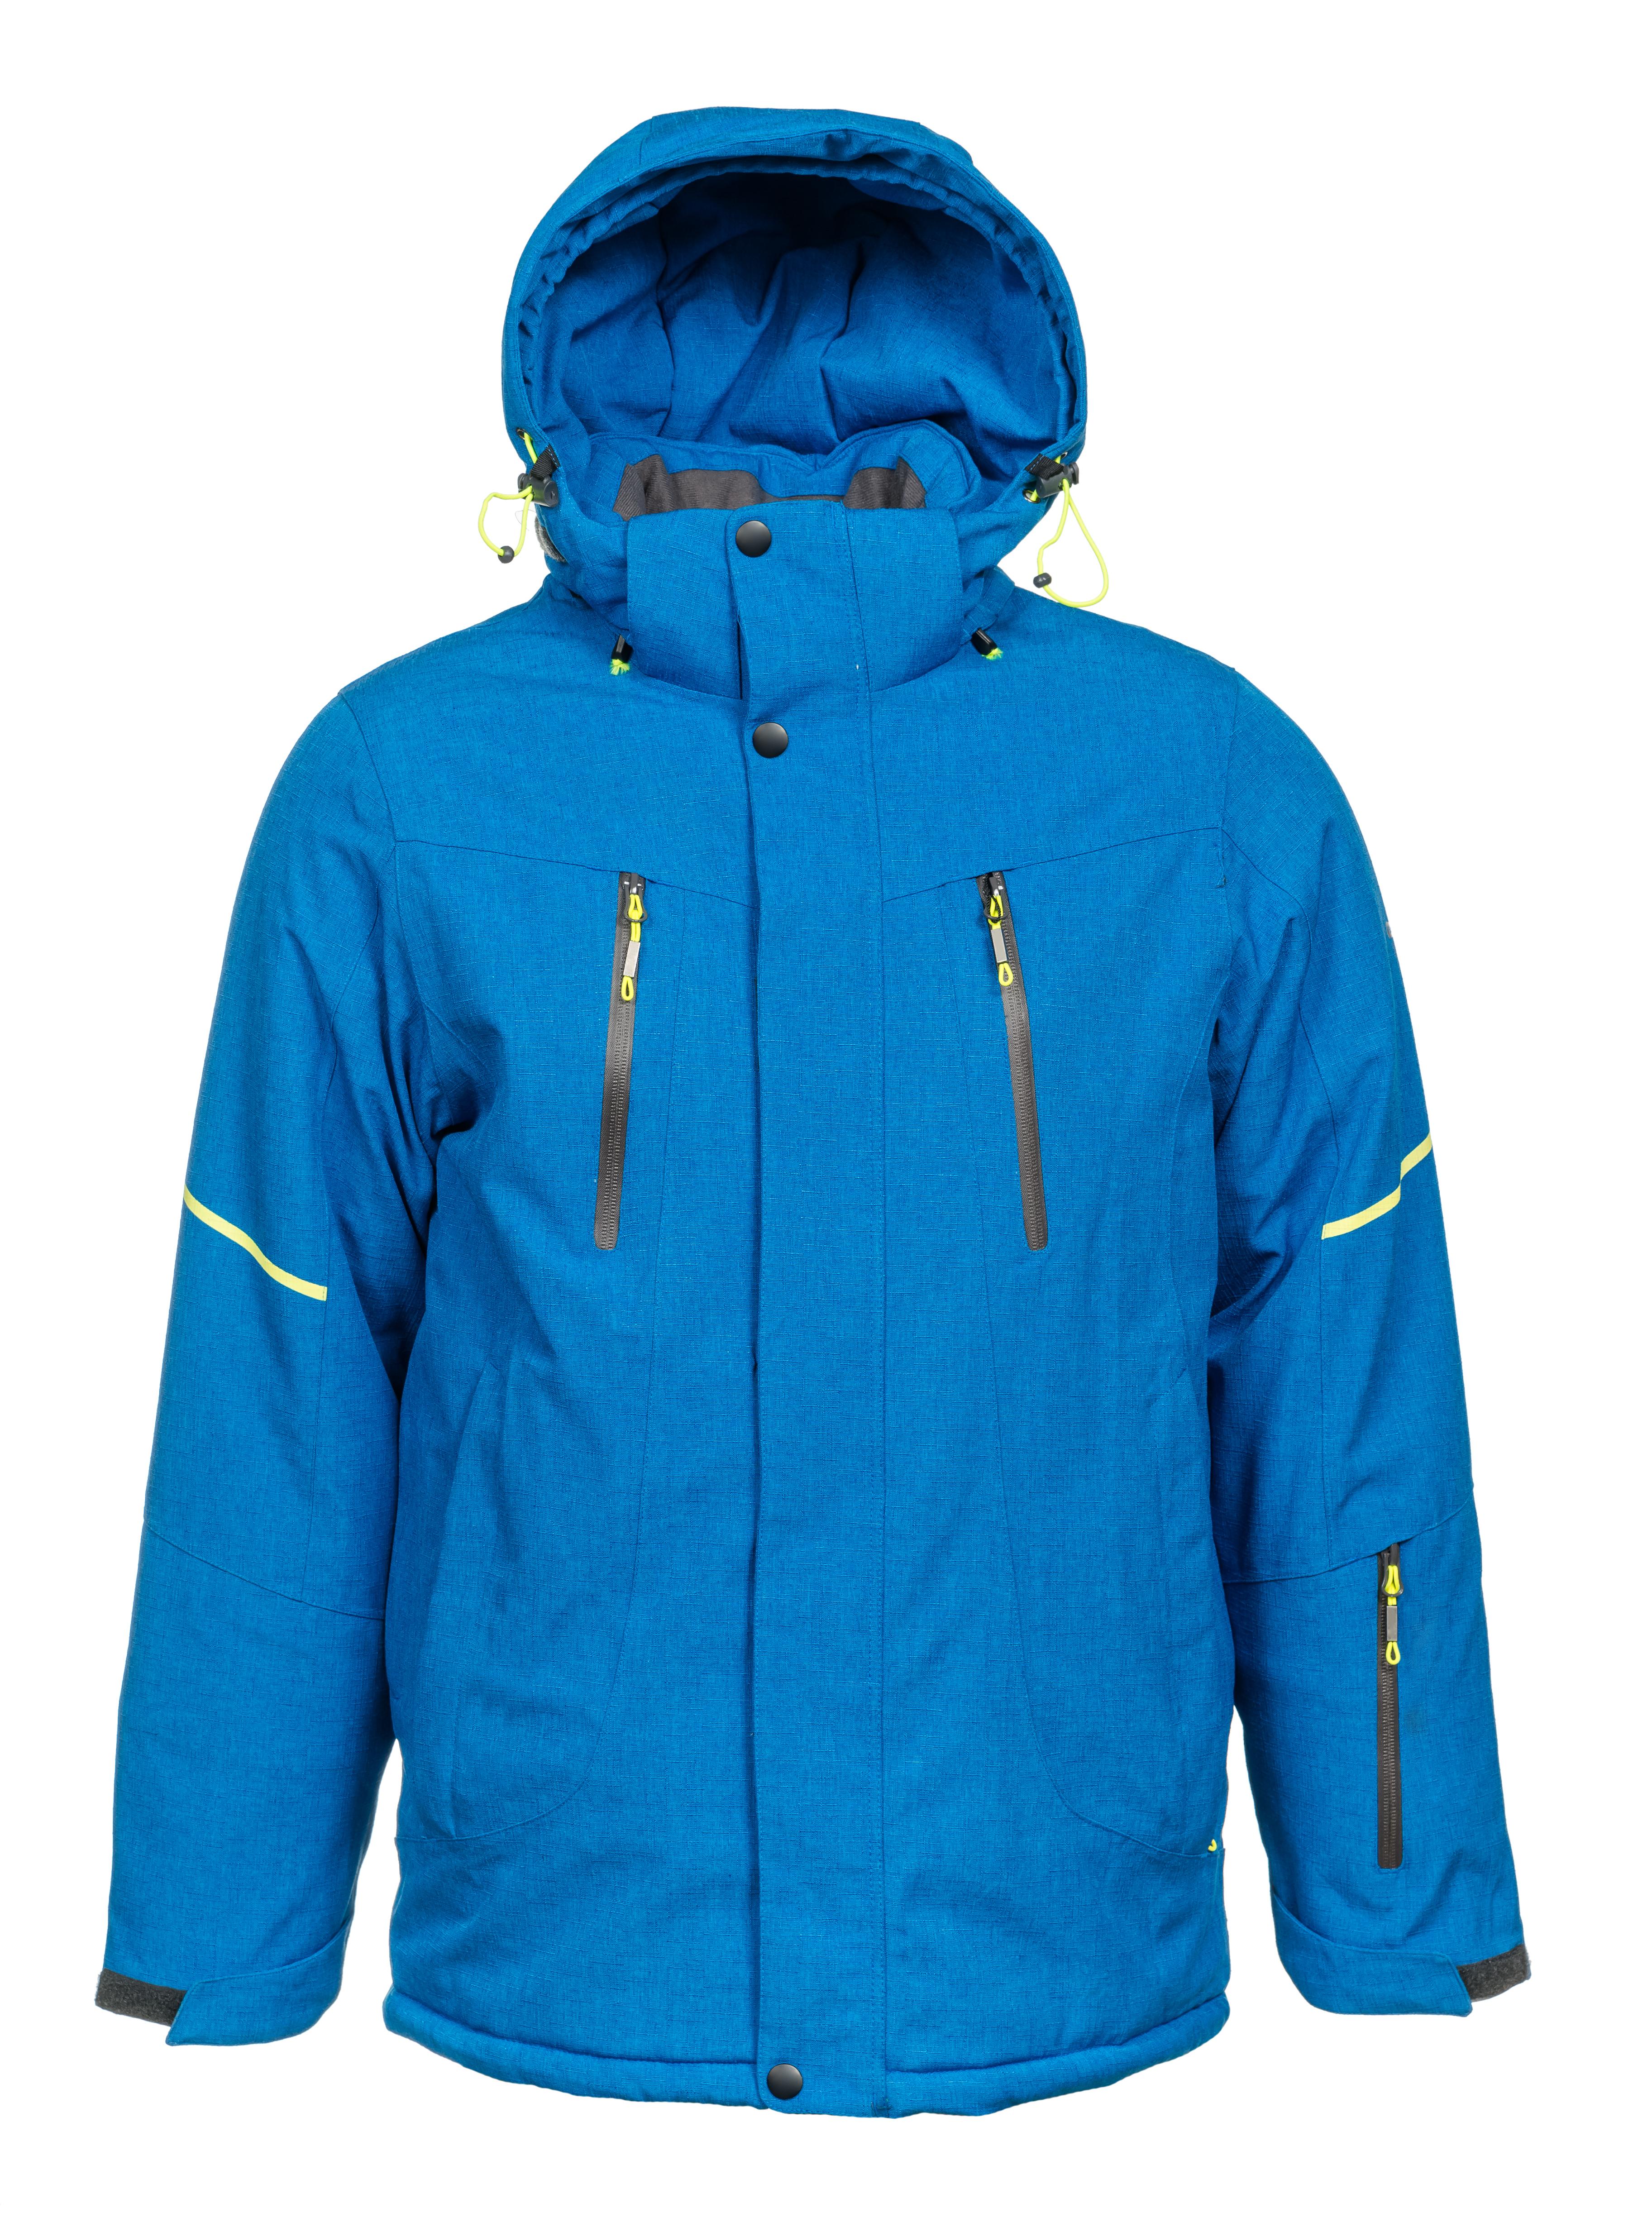 Custom made jackets (46)